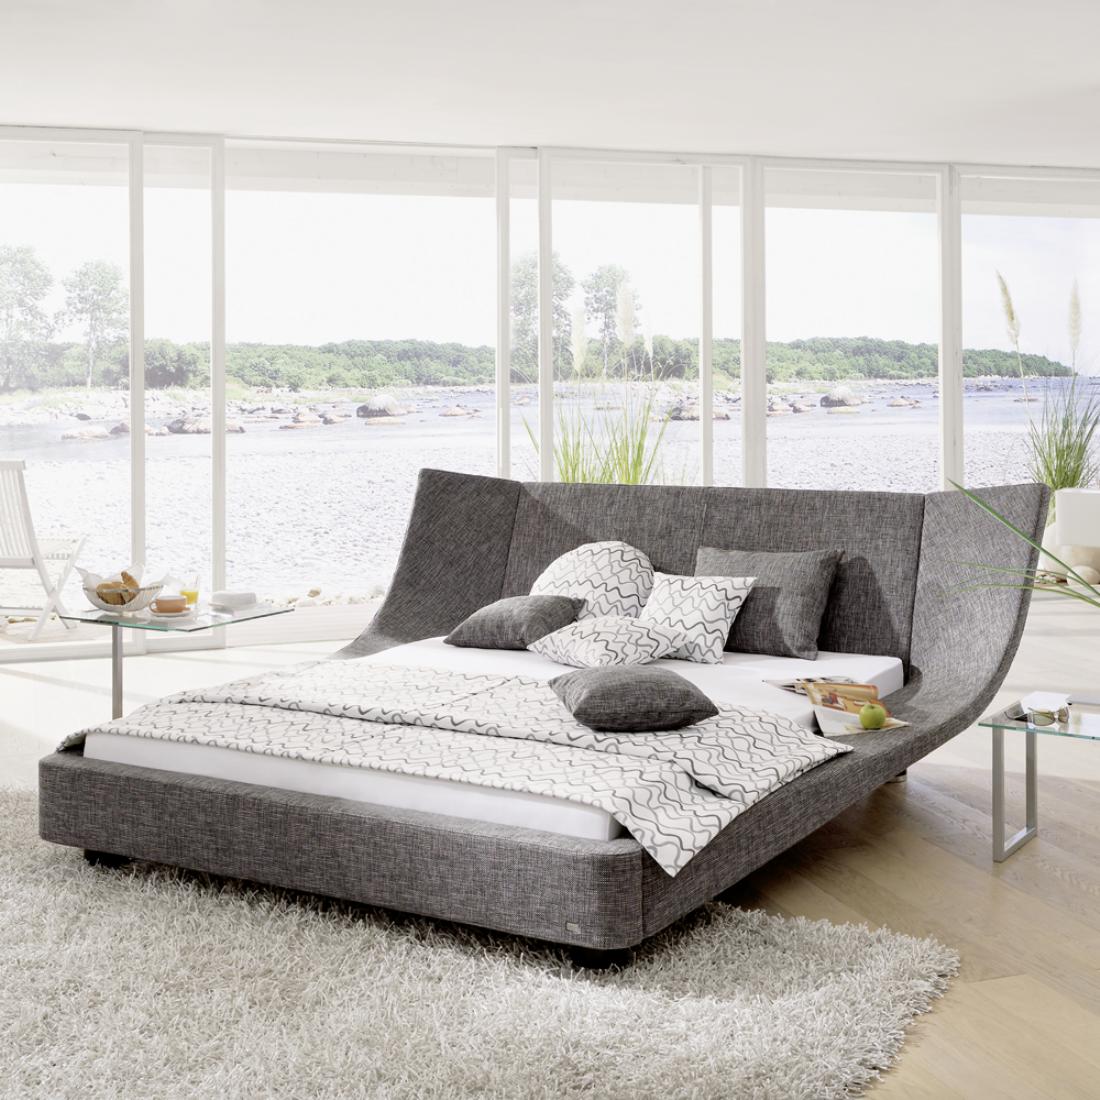 Graues Polsterbett Bilder Ideen Couch